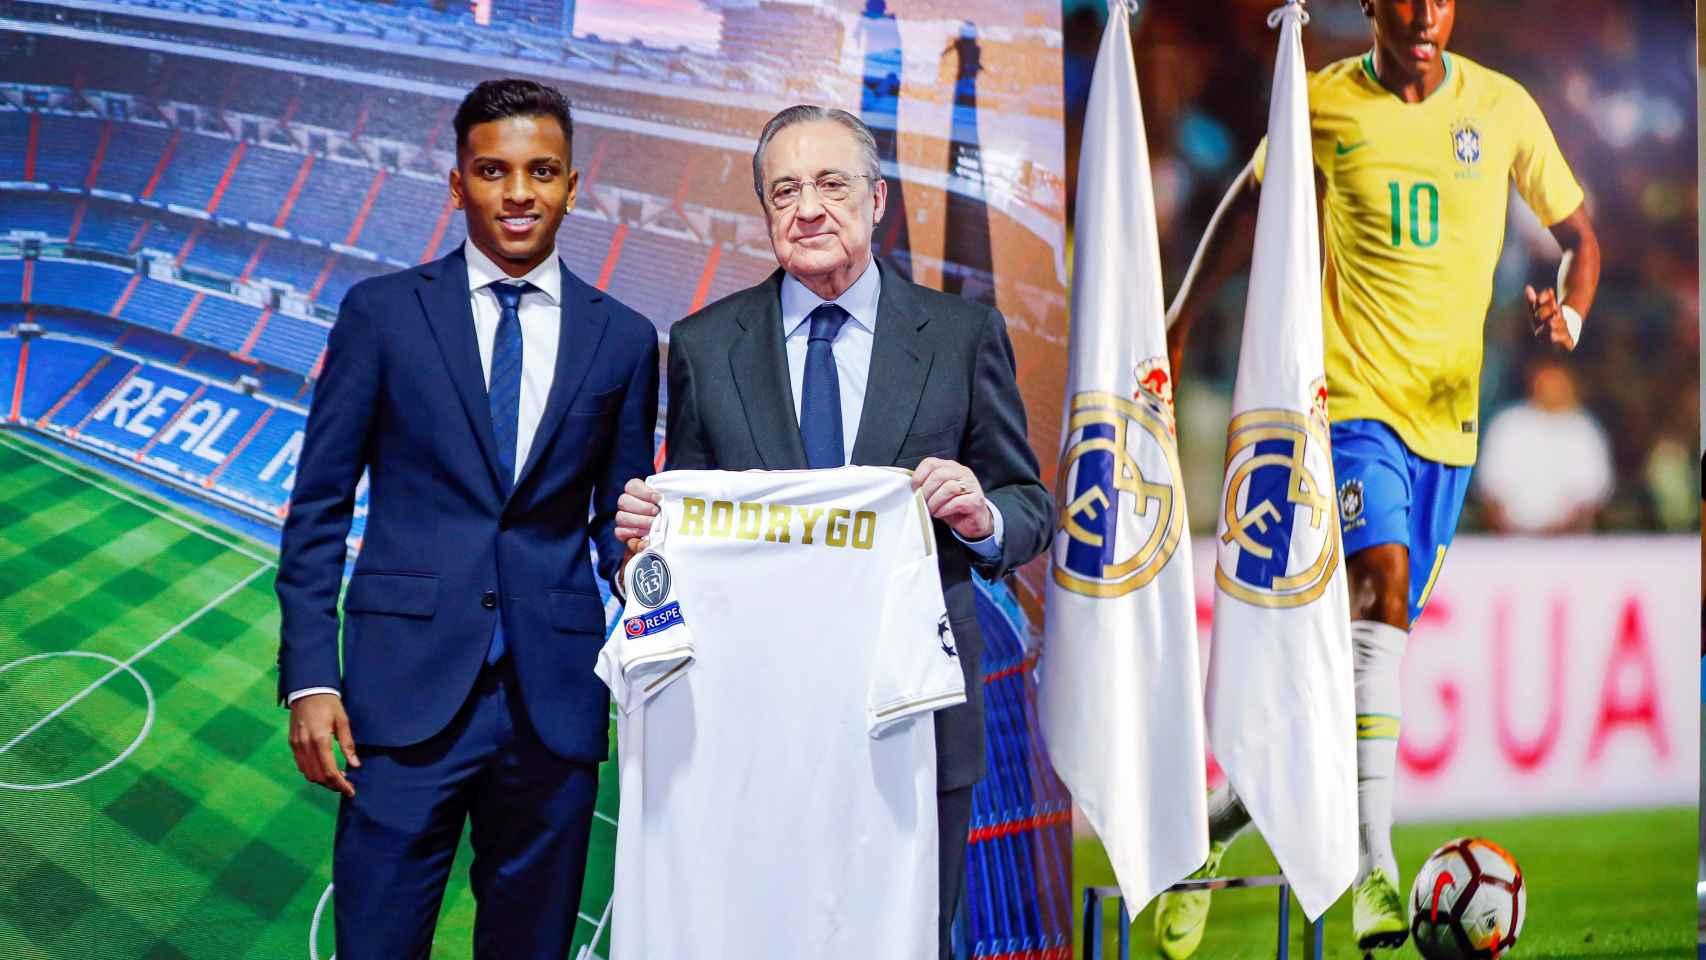 Rodrygo Goes y Florentino Pérez posan con la camiseta del Real Madrid